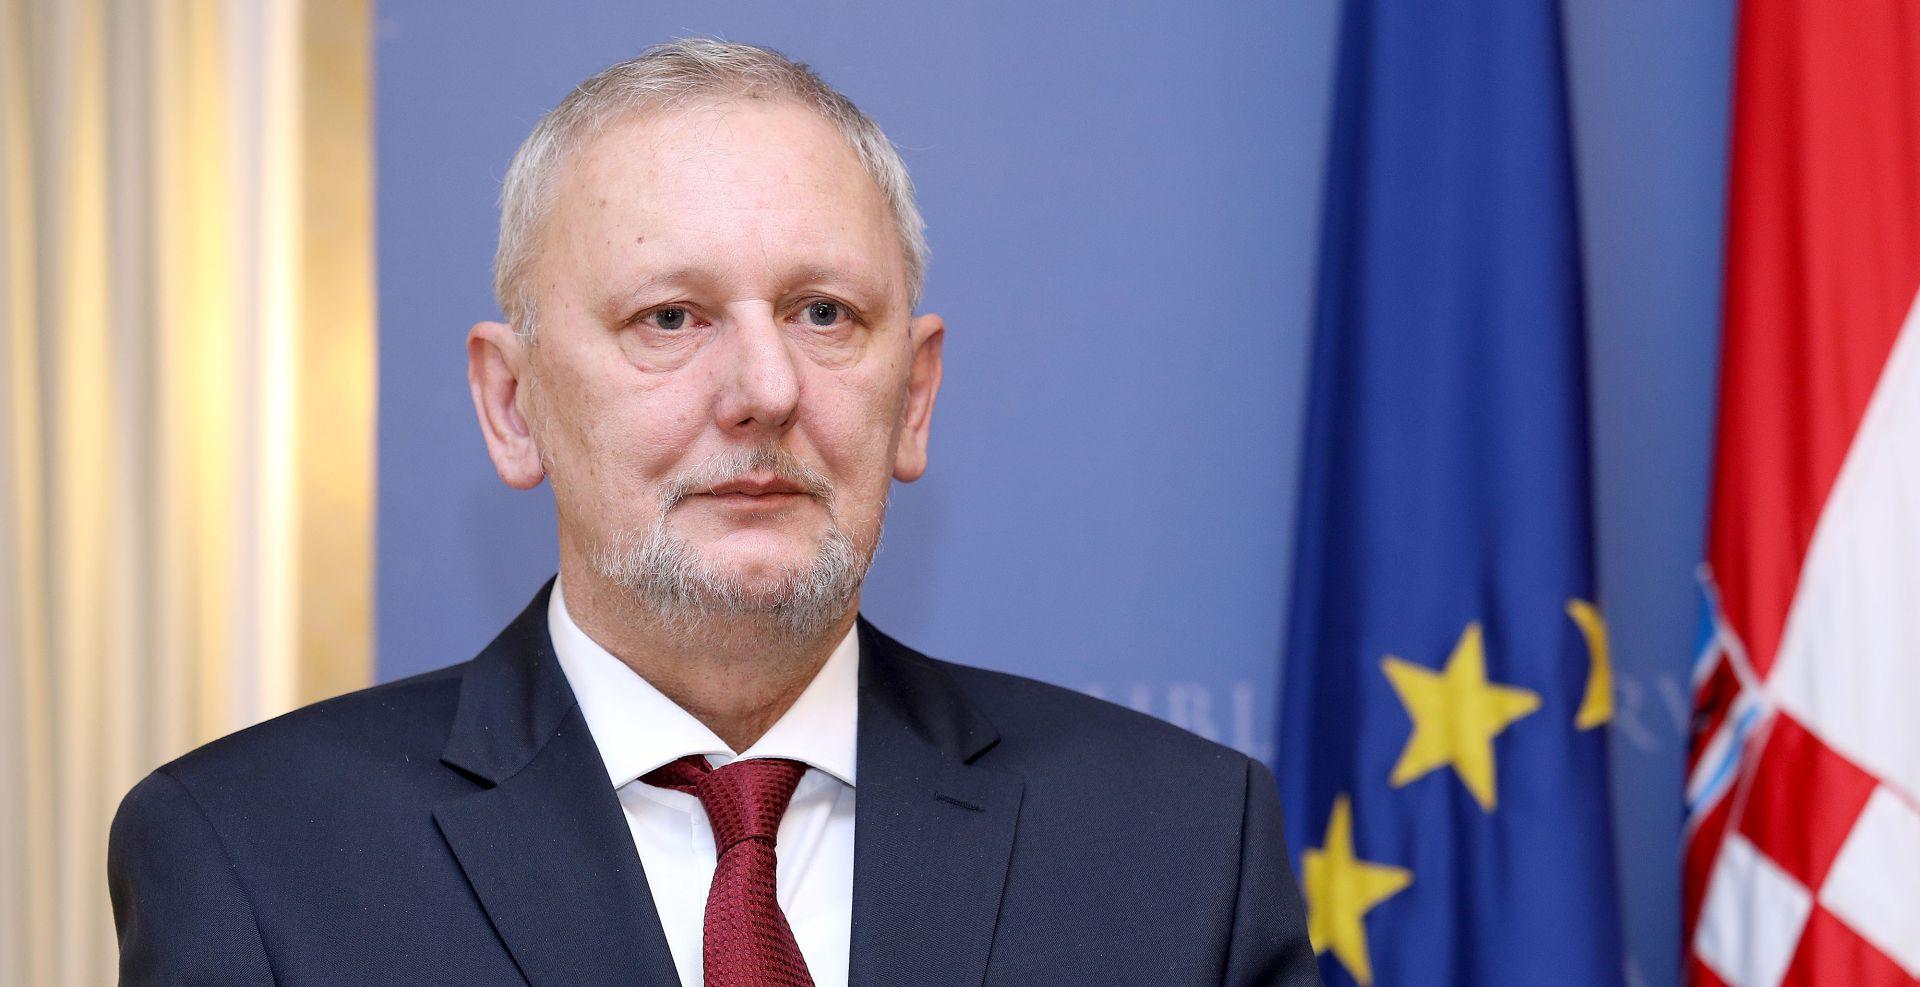 Ministar Božinović na sastanku Vijeća JHA u Tallinnu o problemu migracija